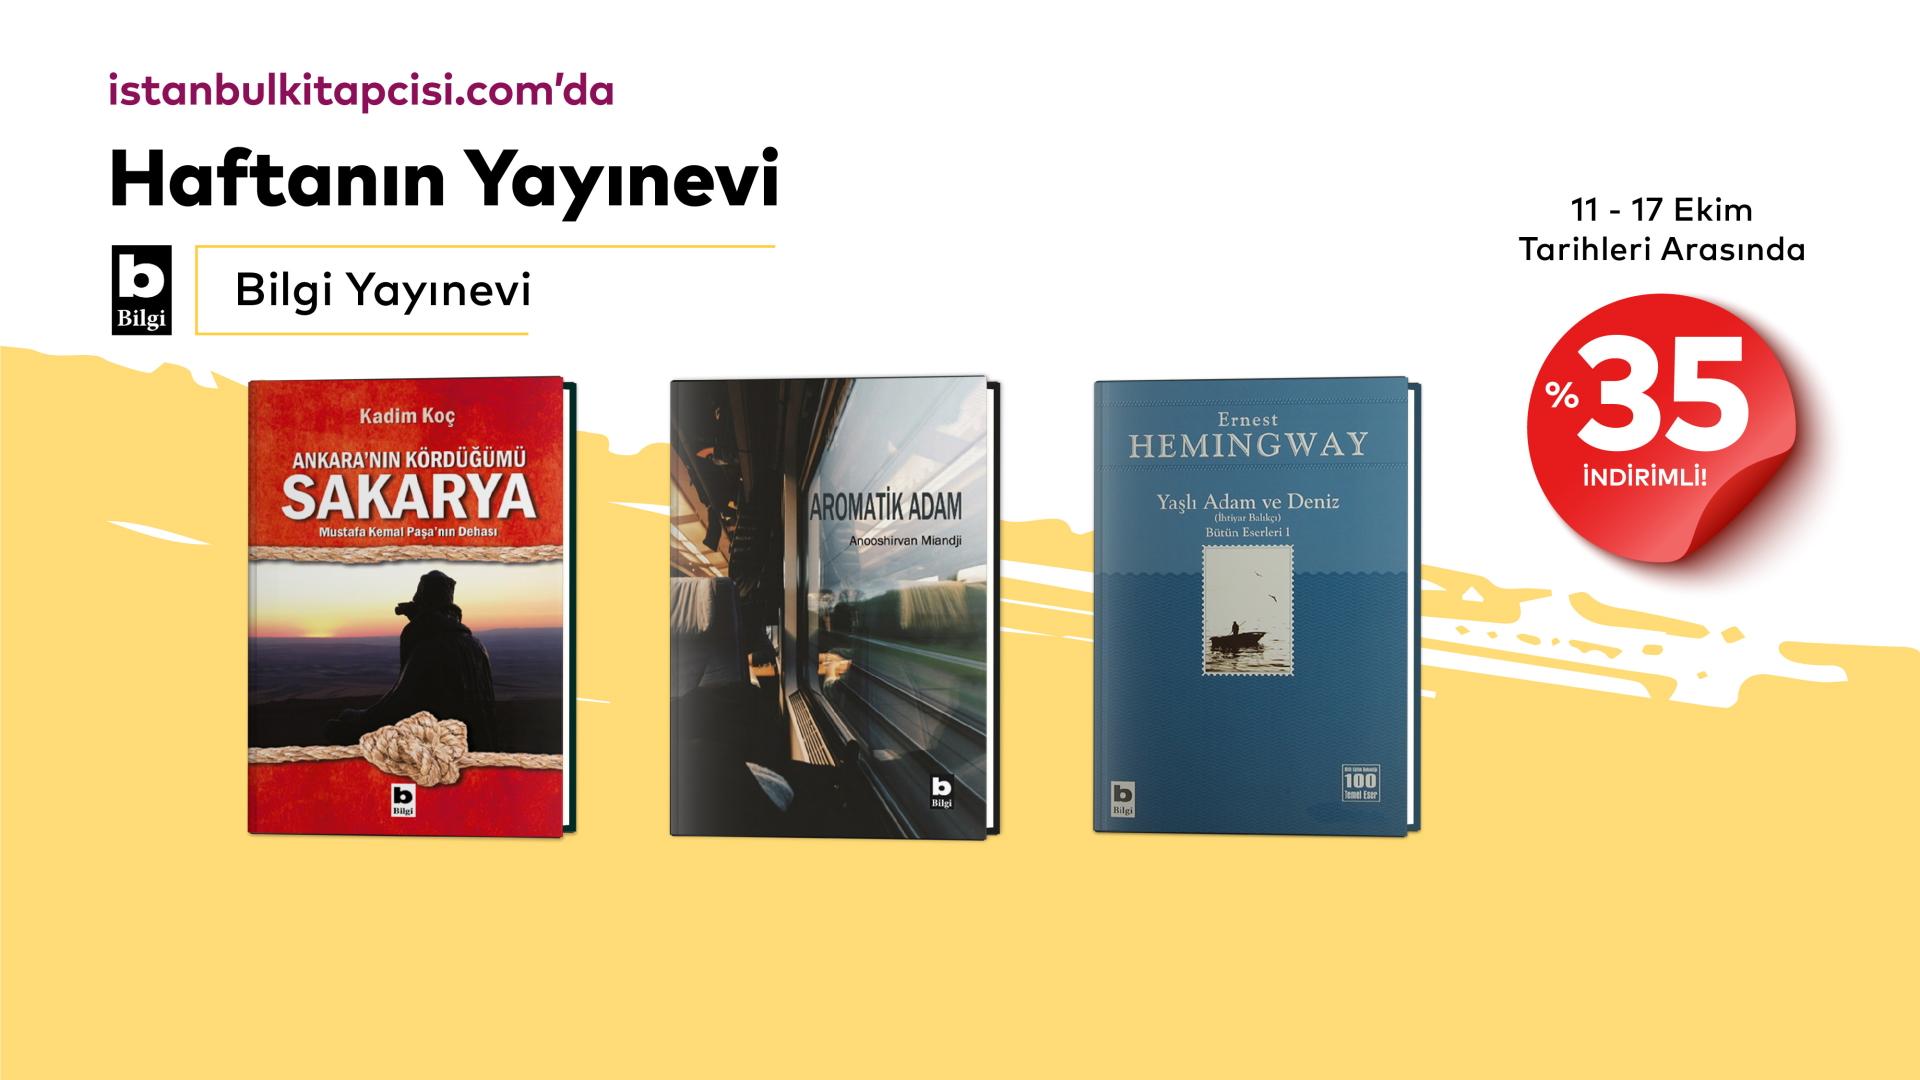 Bilgi Yayınevi'nin tüm kitapları, www.istanbulkitapcisi.com'da %35 indirimde!